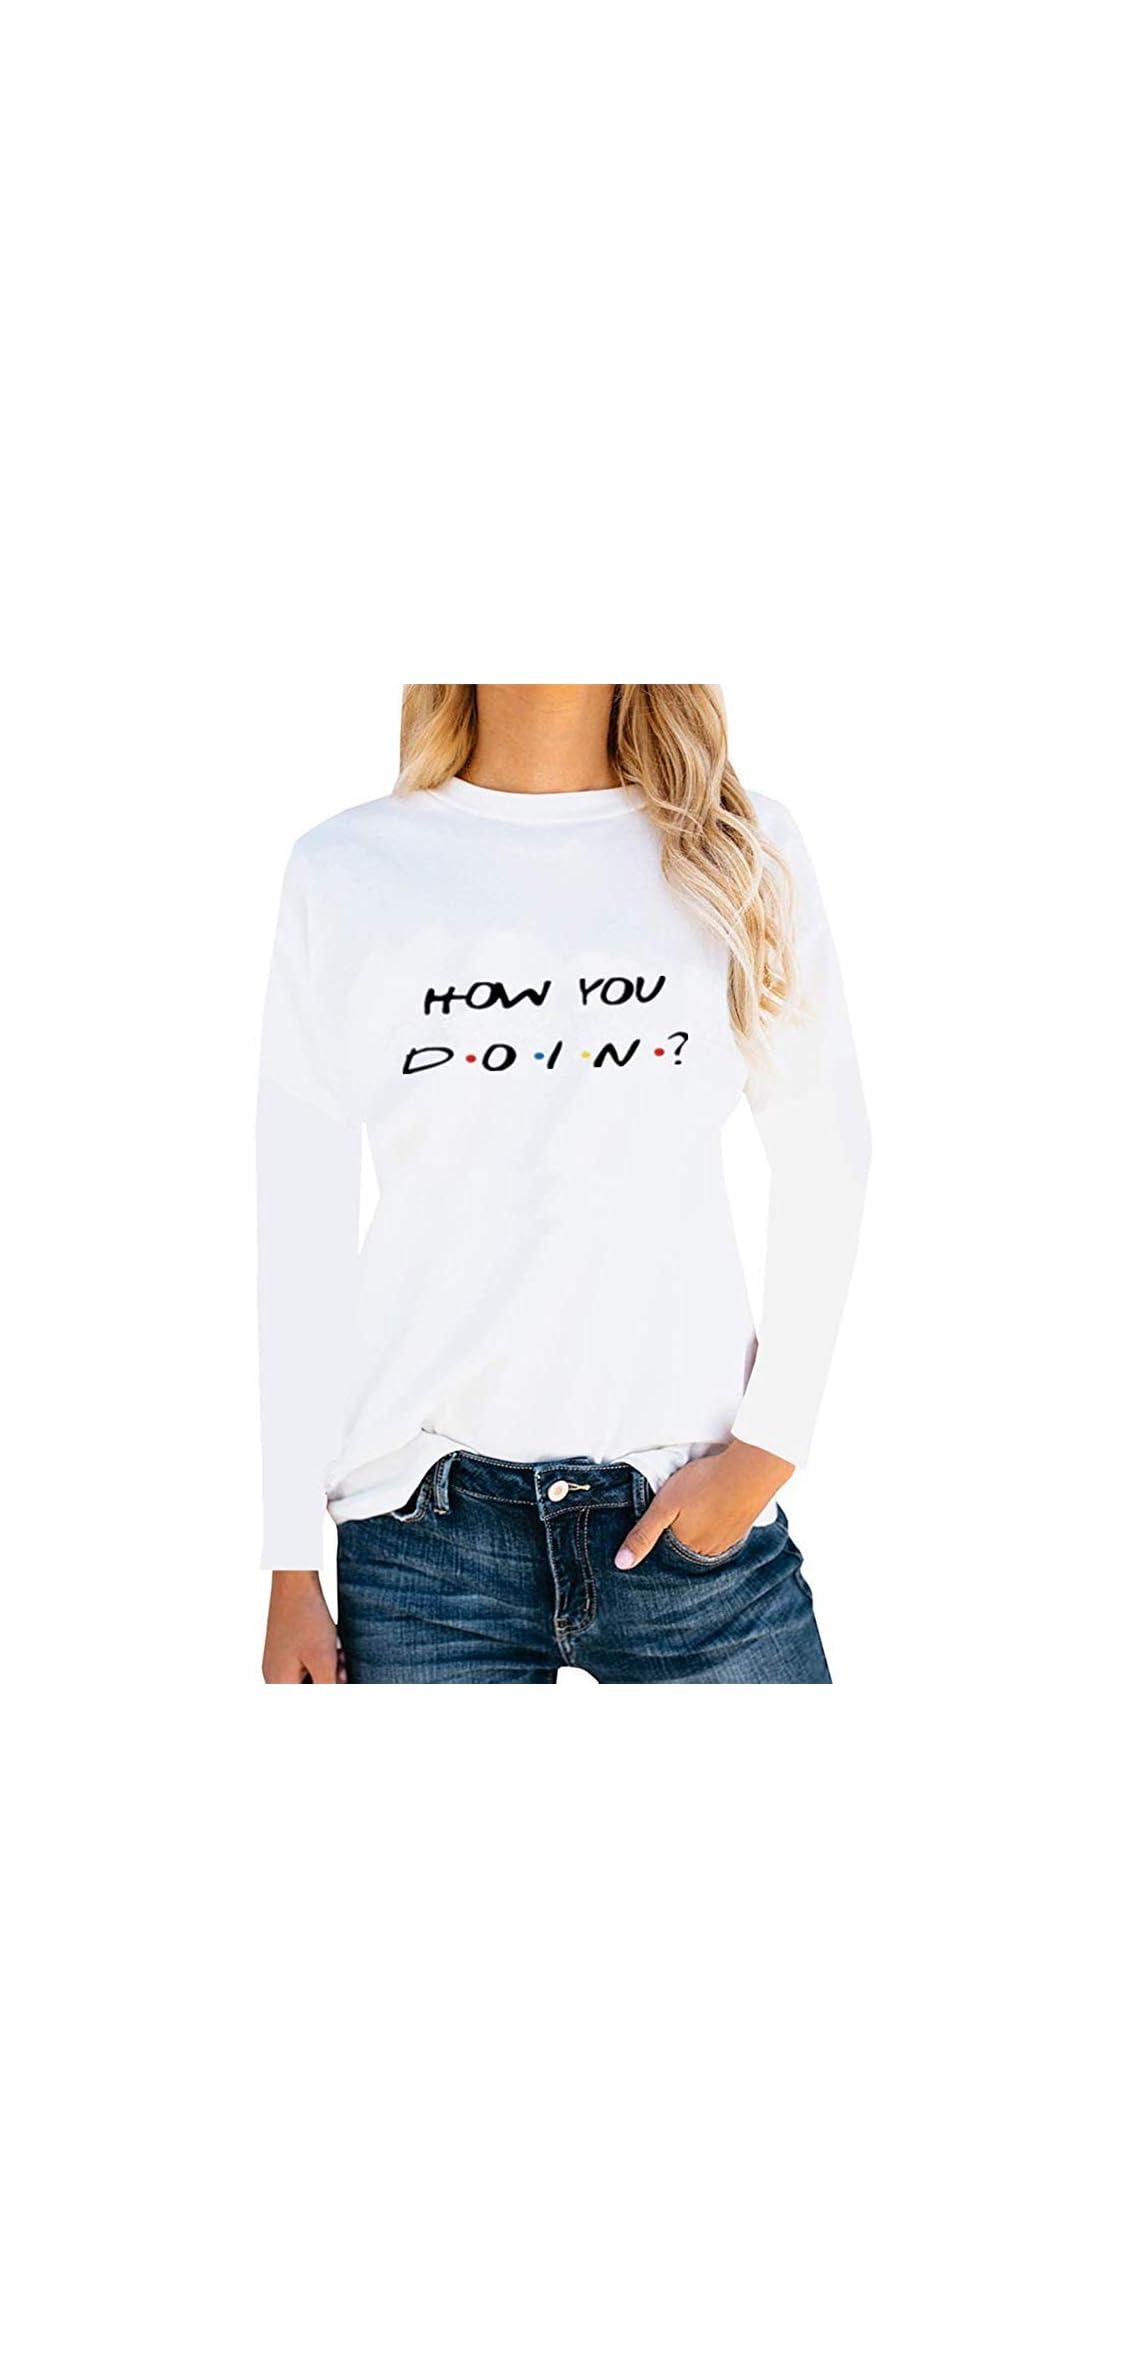 Women Teen Girls Funny Cute Graphic T Shirt Long Sleeve Shirts